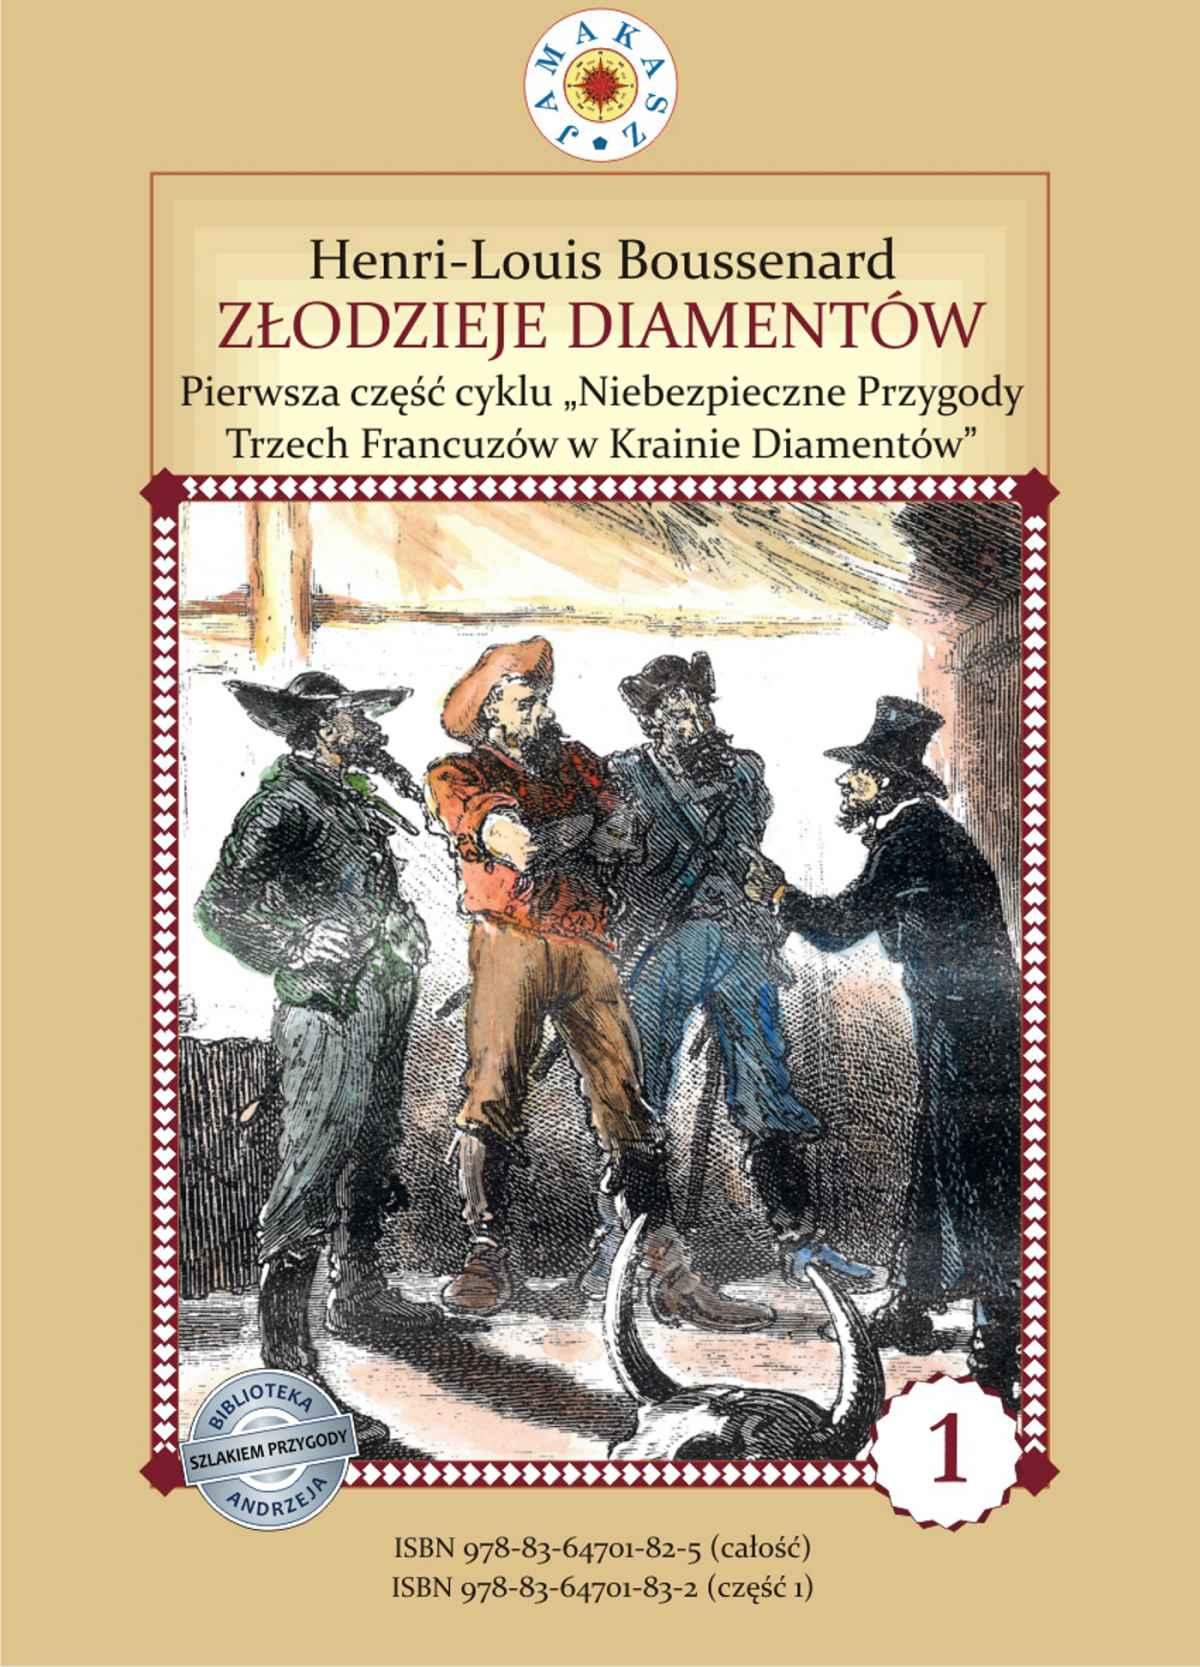 """Złodzieje diamentów. I część cyklu """"Niebezpieczne Przygody Trzech Francuzów w Krainie Diamentów - Ebook (Książka EPUB) do pobrania w formacie EPUB"""